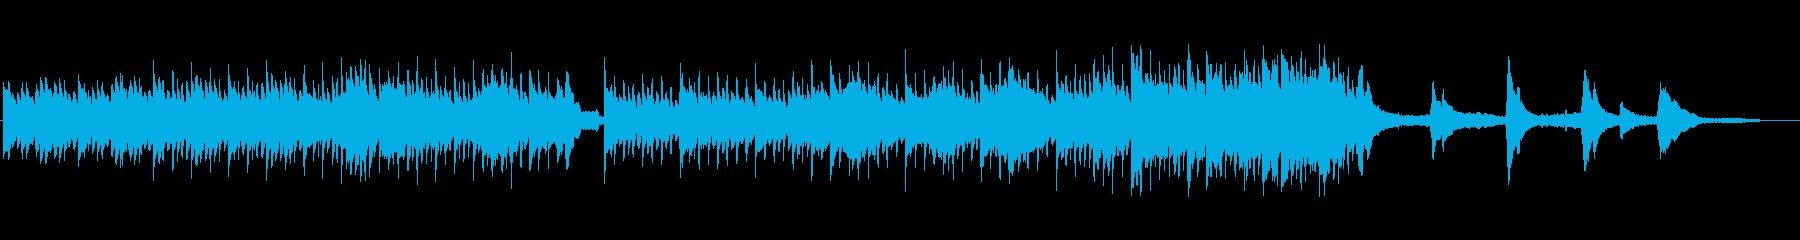 シンプルなピアノとストリングスの再生済みの波形